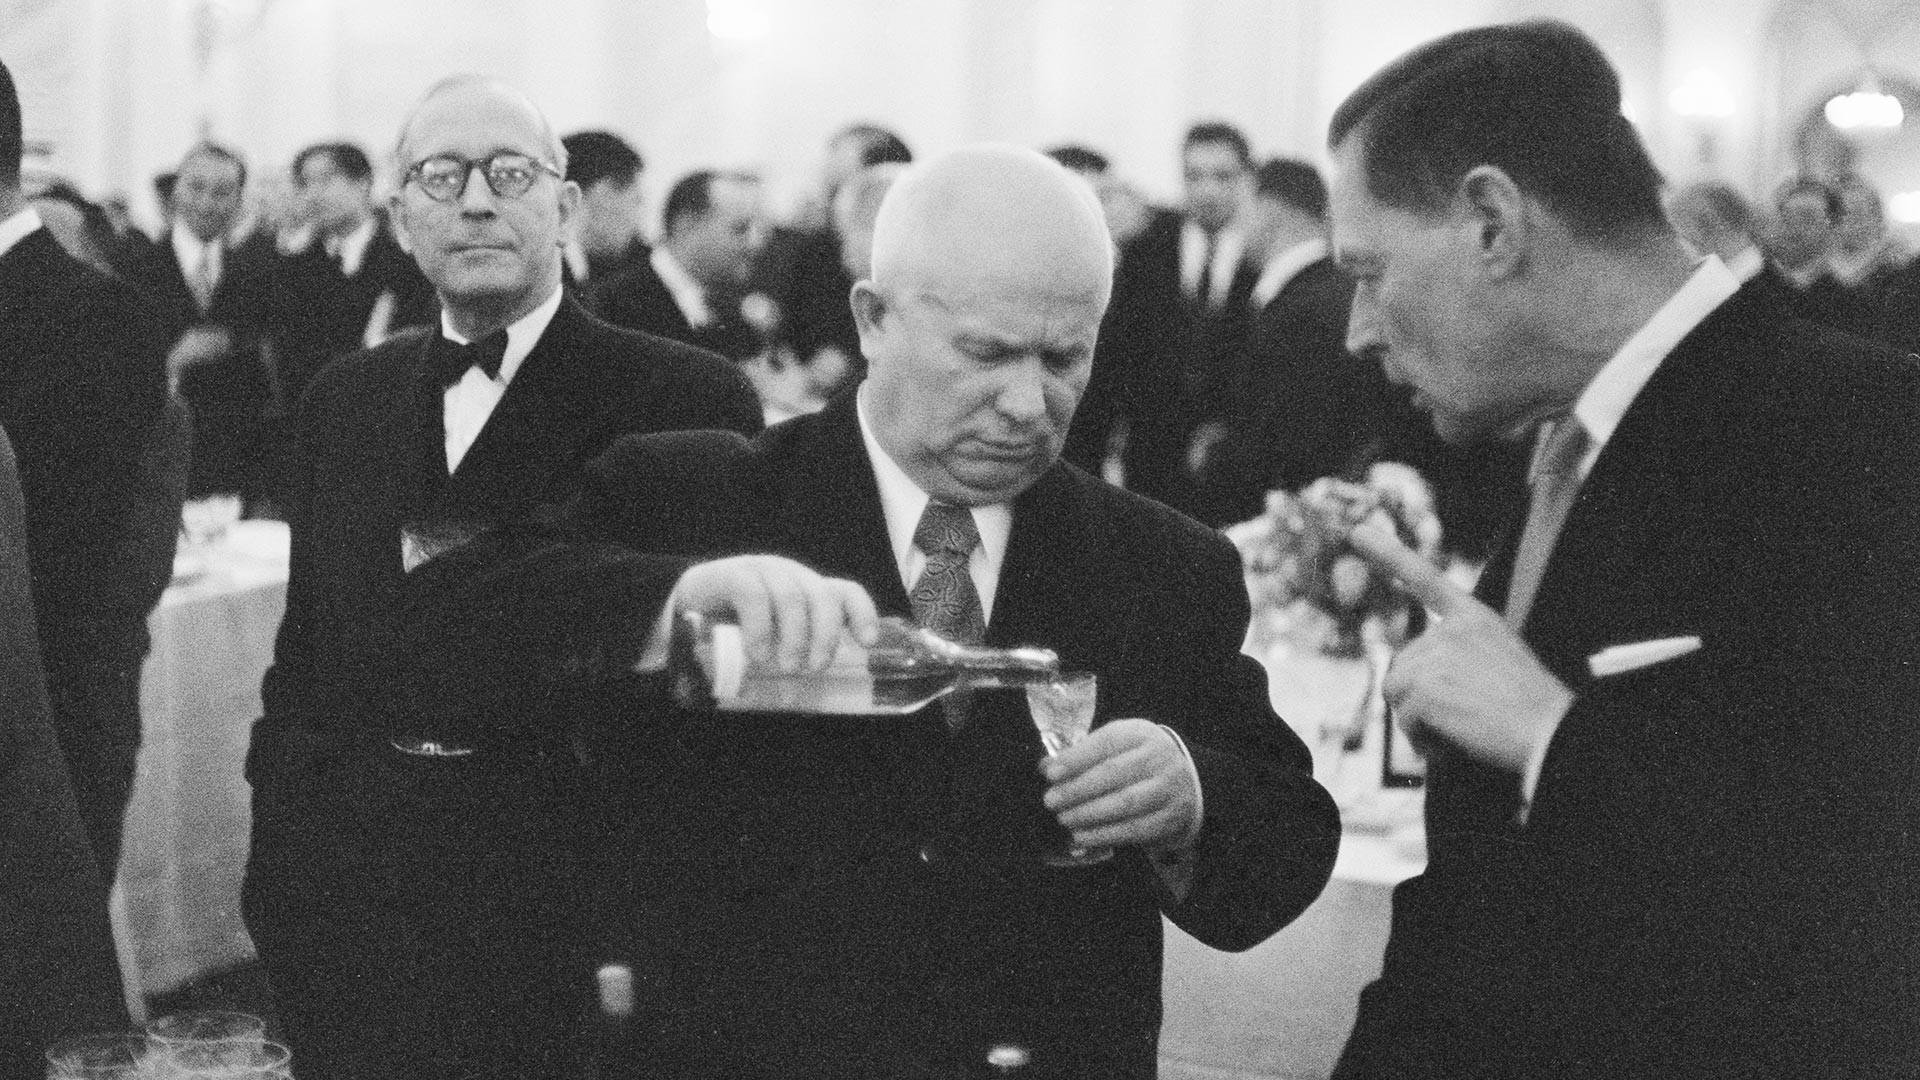 Il leader sovietico Nikita Khrushchev con Charles E Bohlen, ambasciatore degli Stati Uniti in Unione Sovietica, 1955 circa